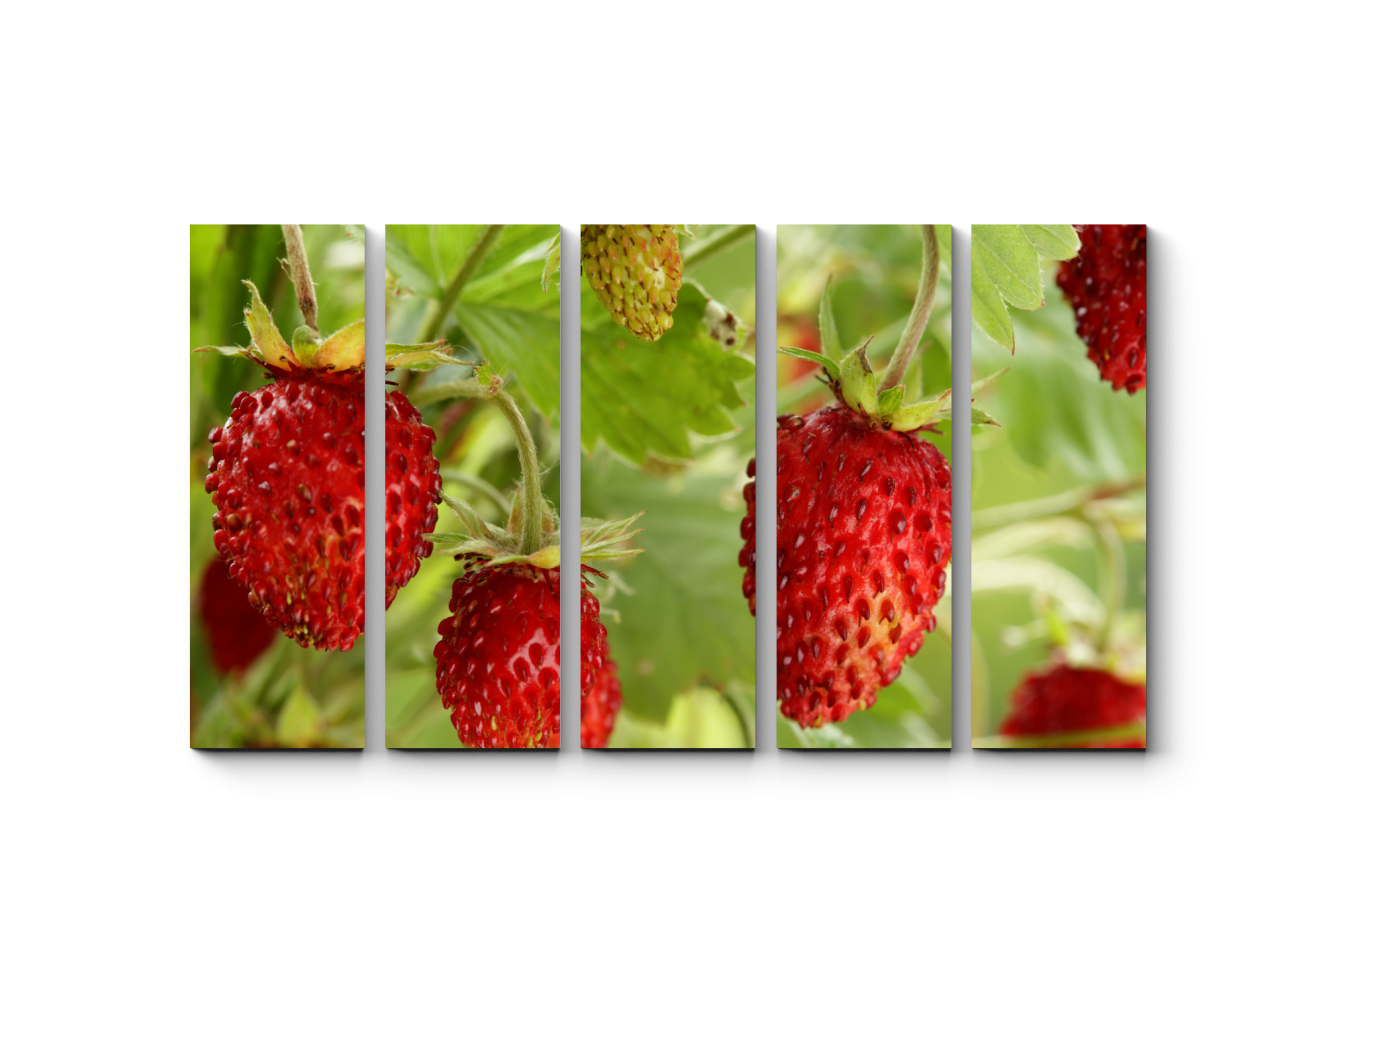 Модульная картина Малютки-клубнички (90x54) фото